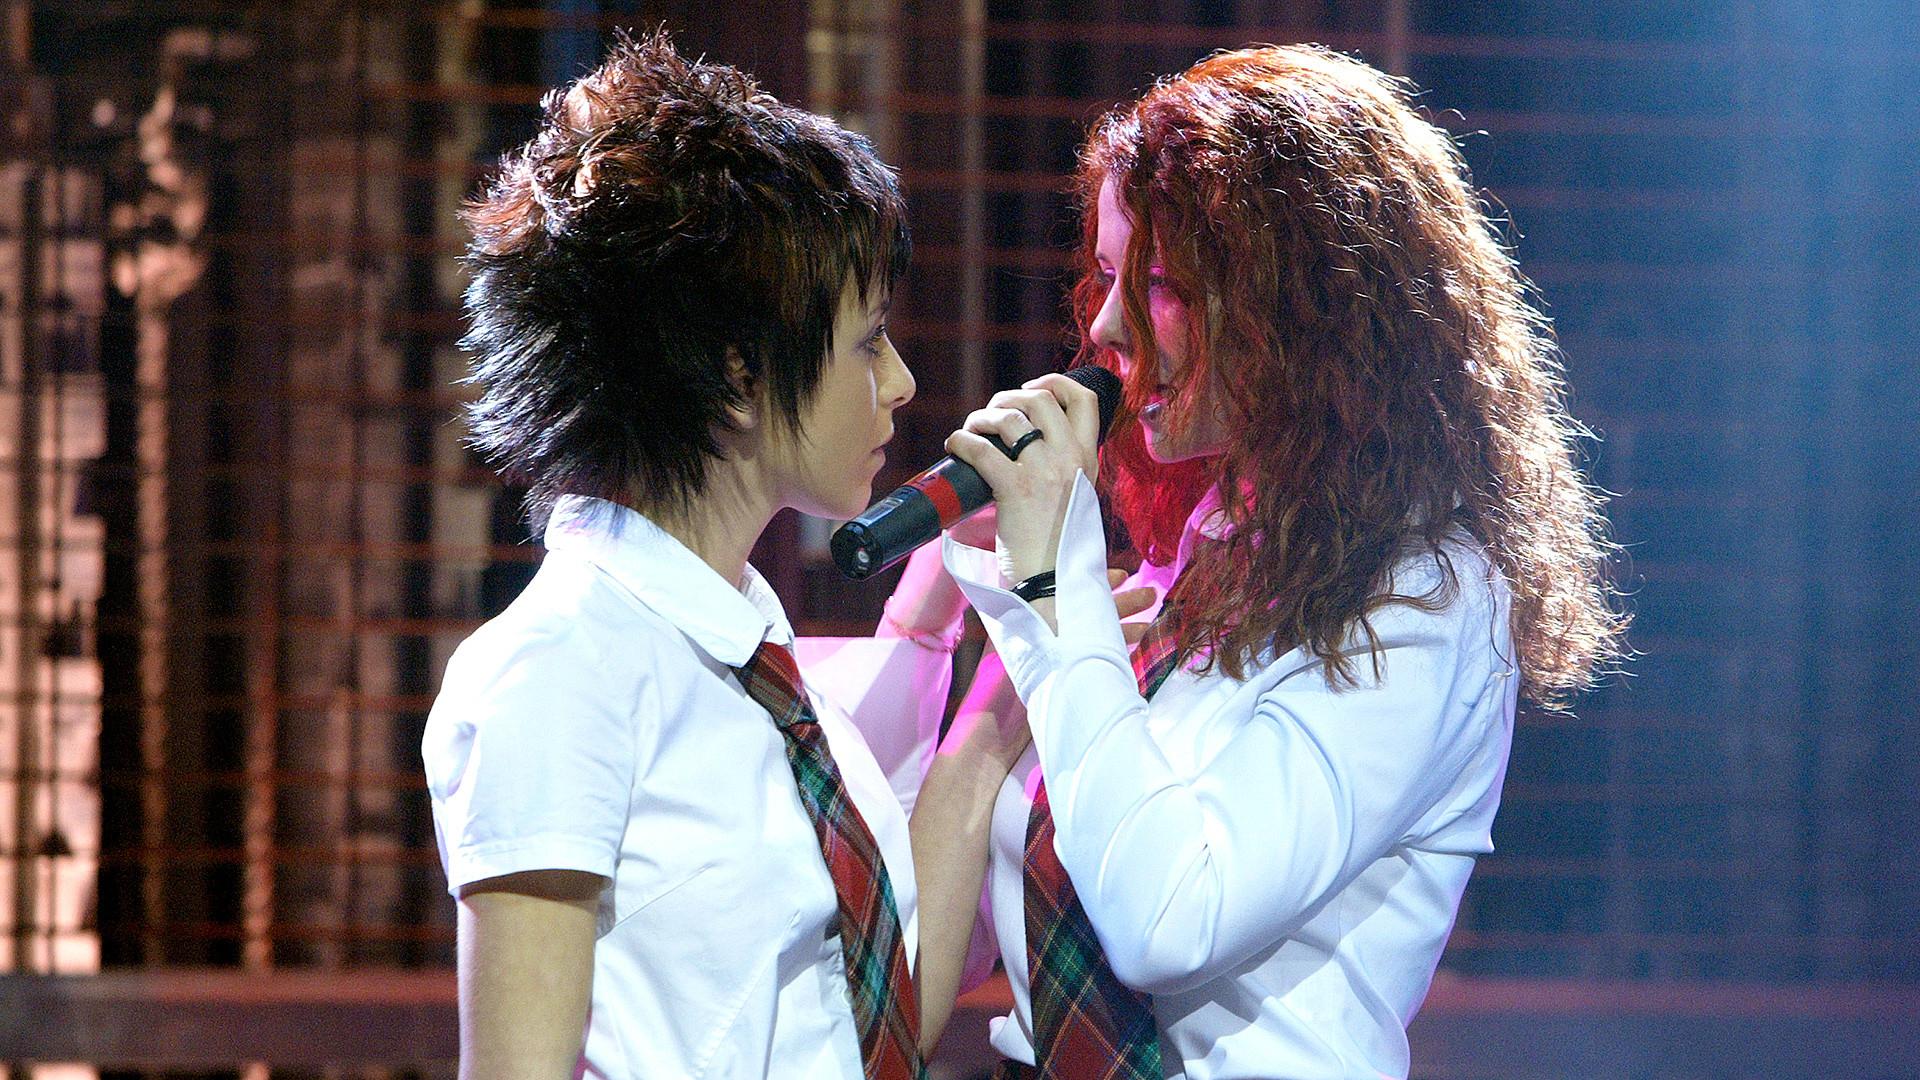 Julia Volkova and Lena Katina of t.A.T.u.